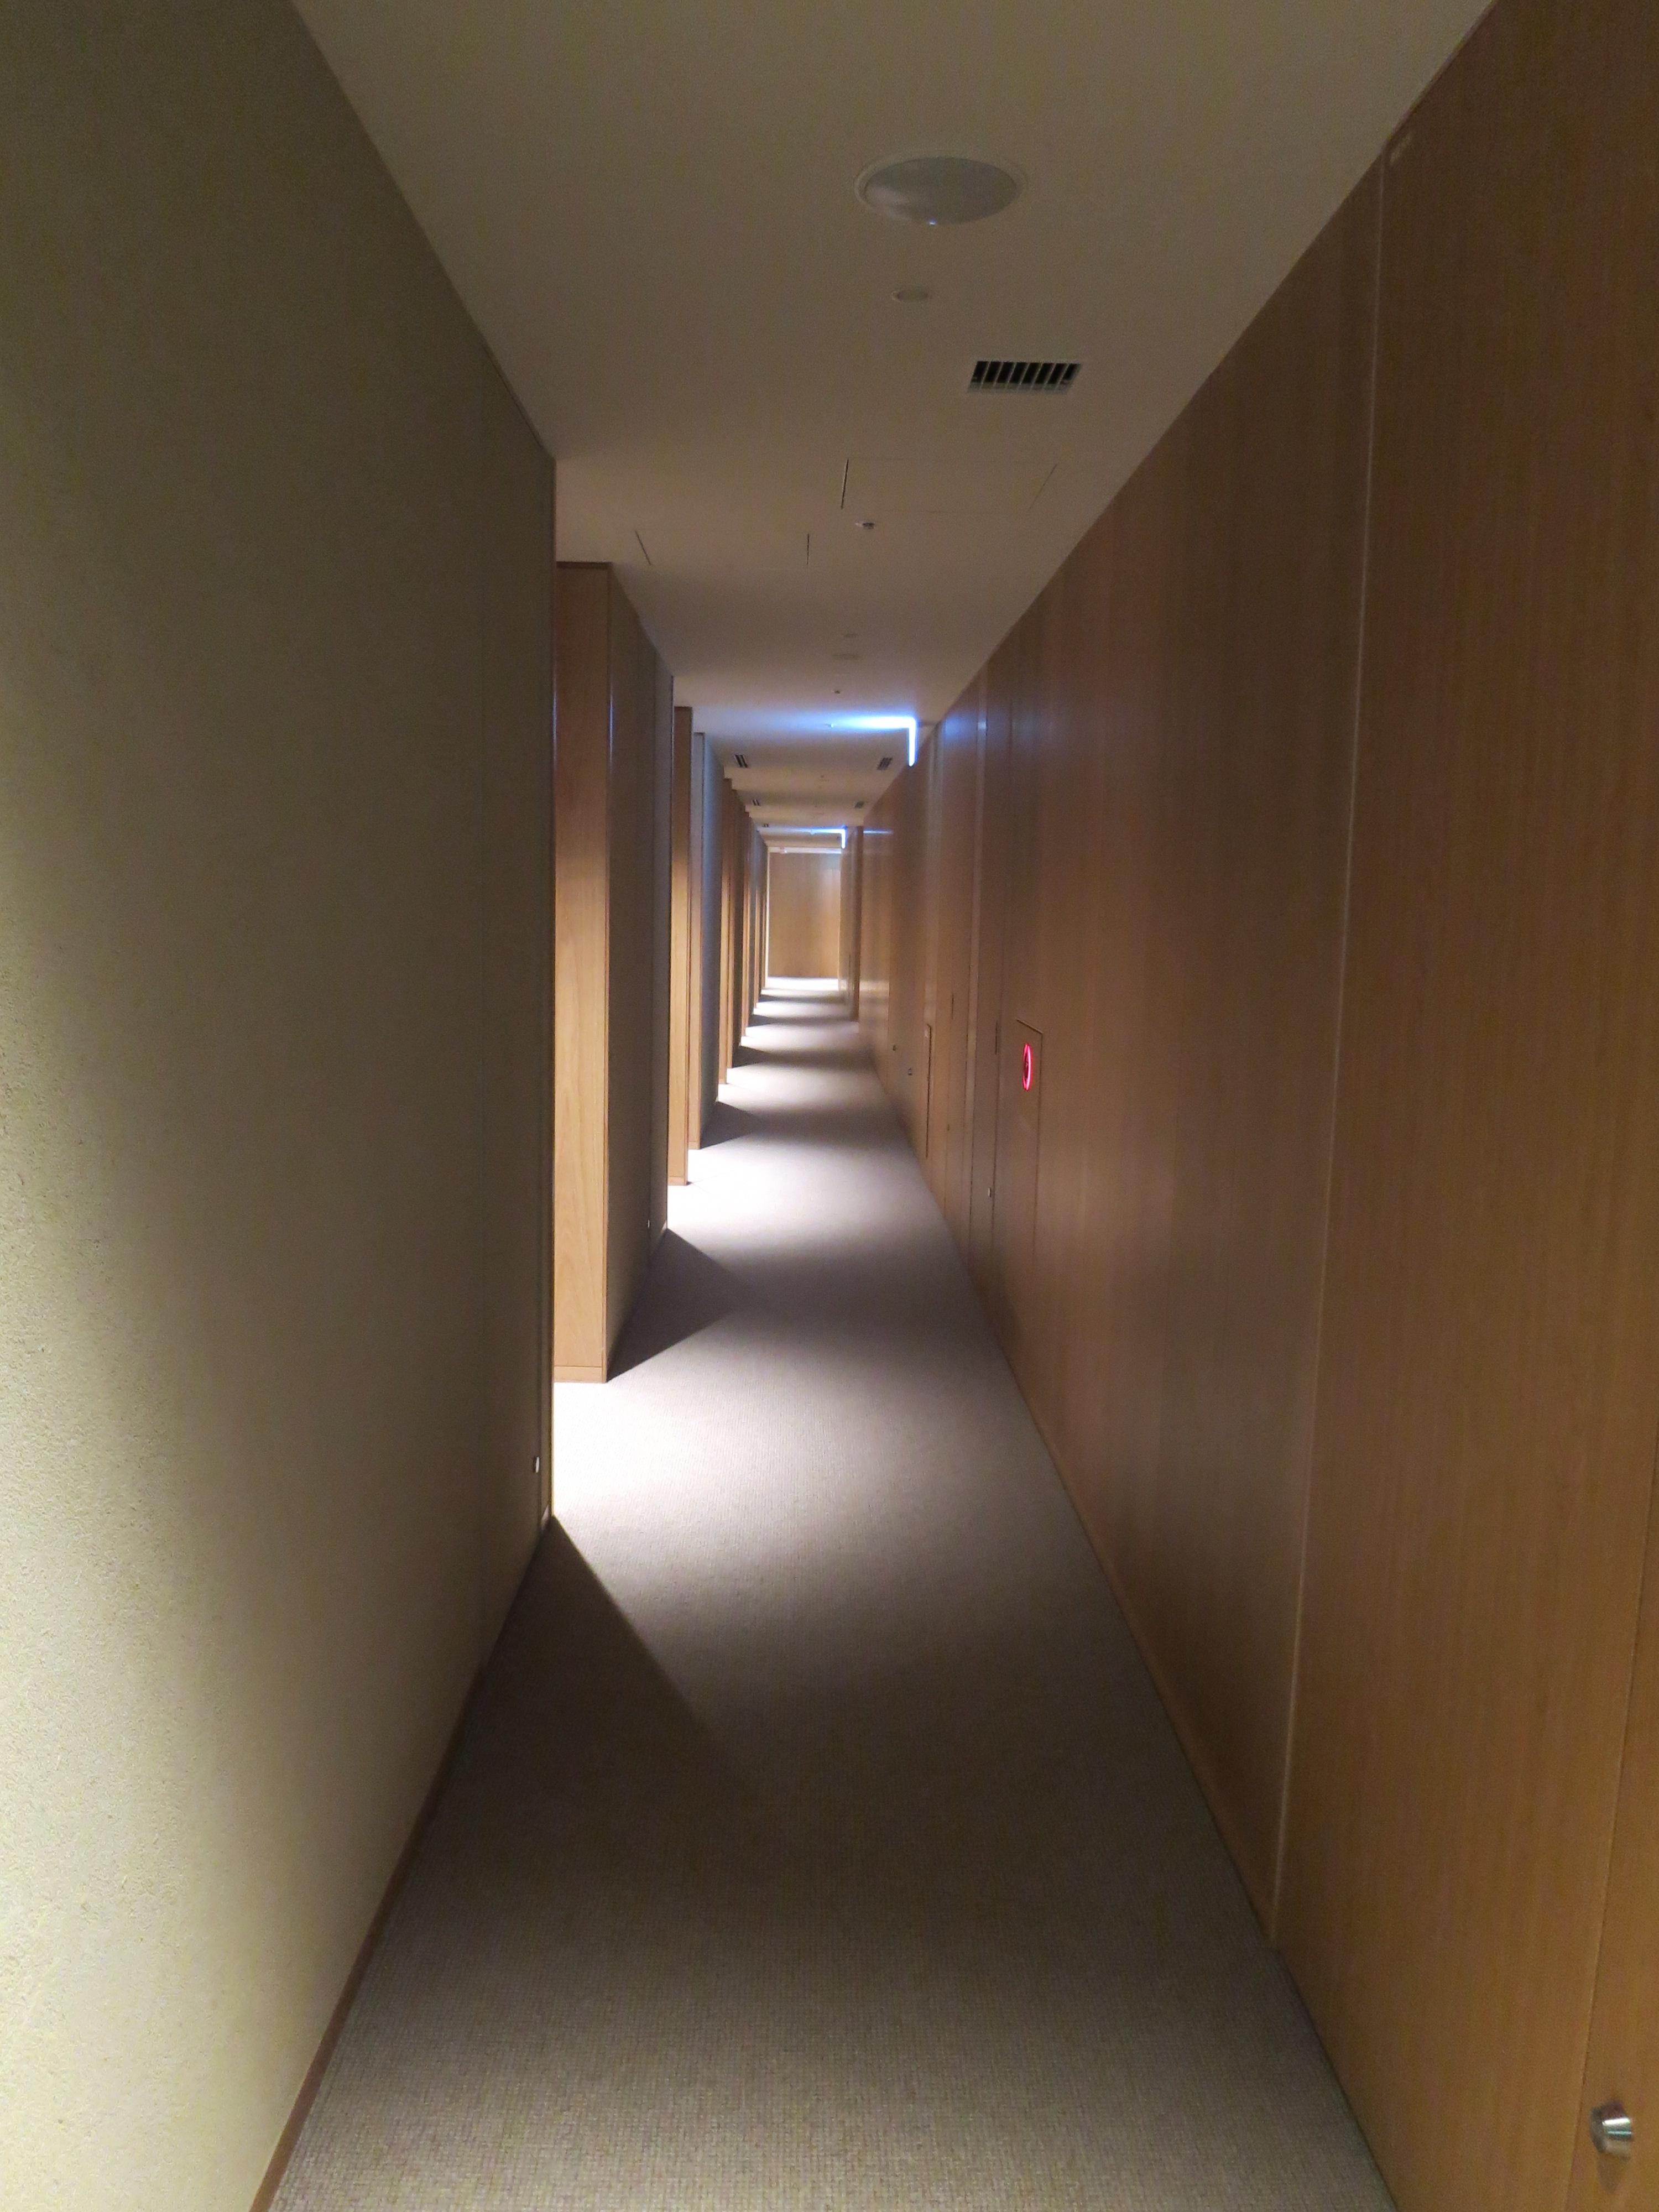 191121 銀座 MUJIHOTEL  客室階廊下